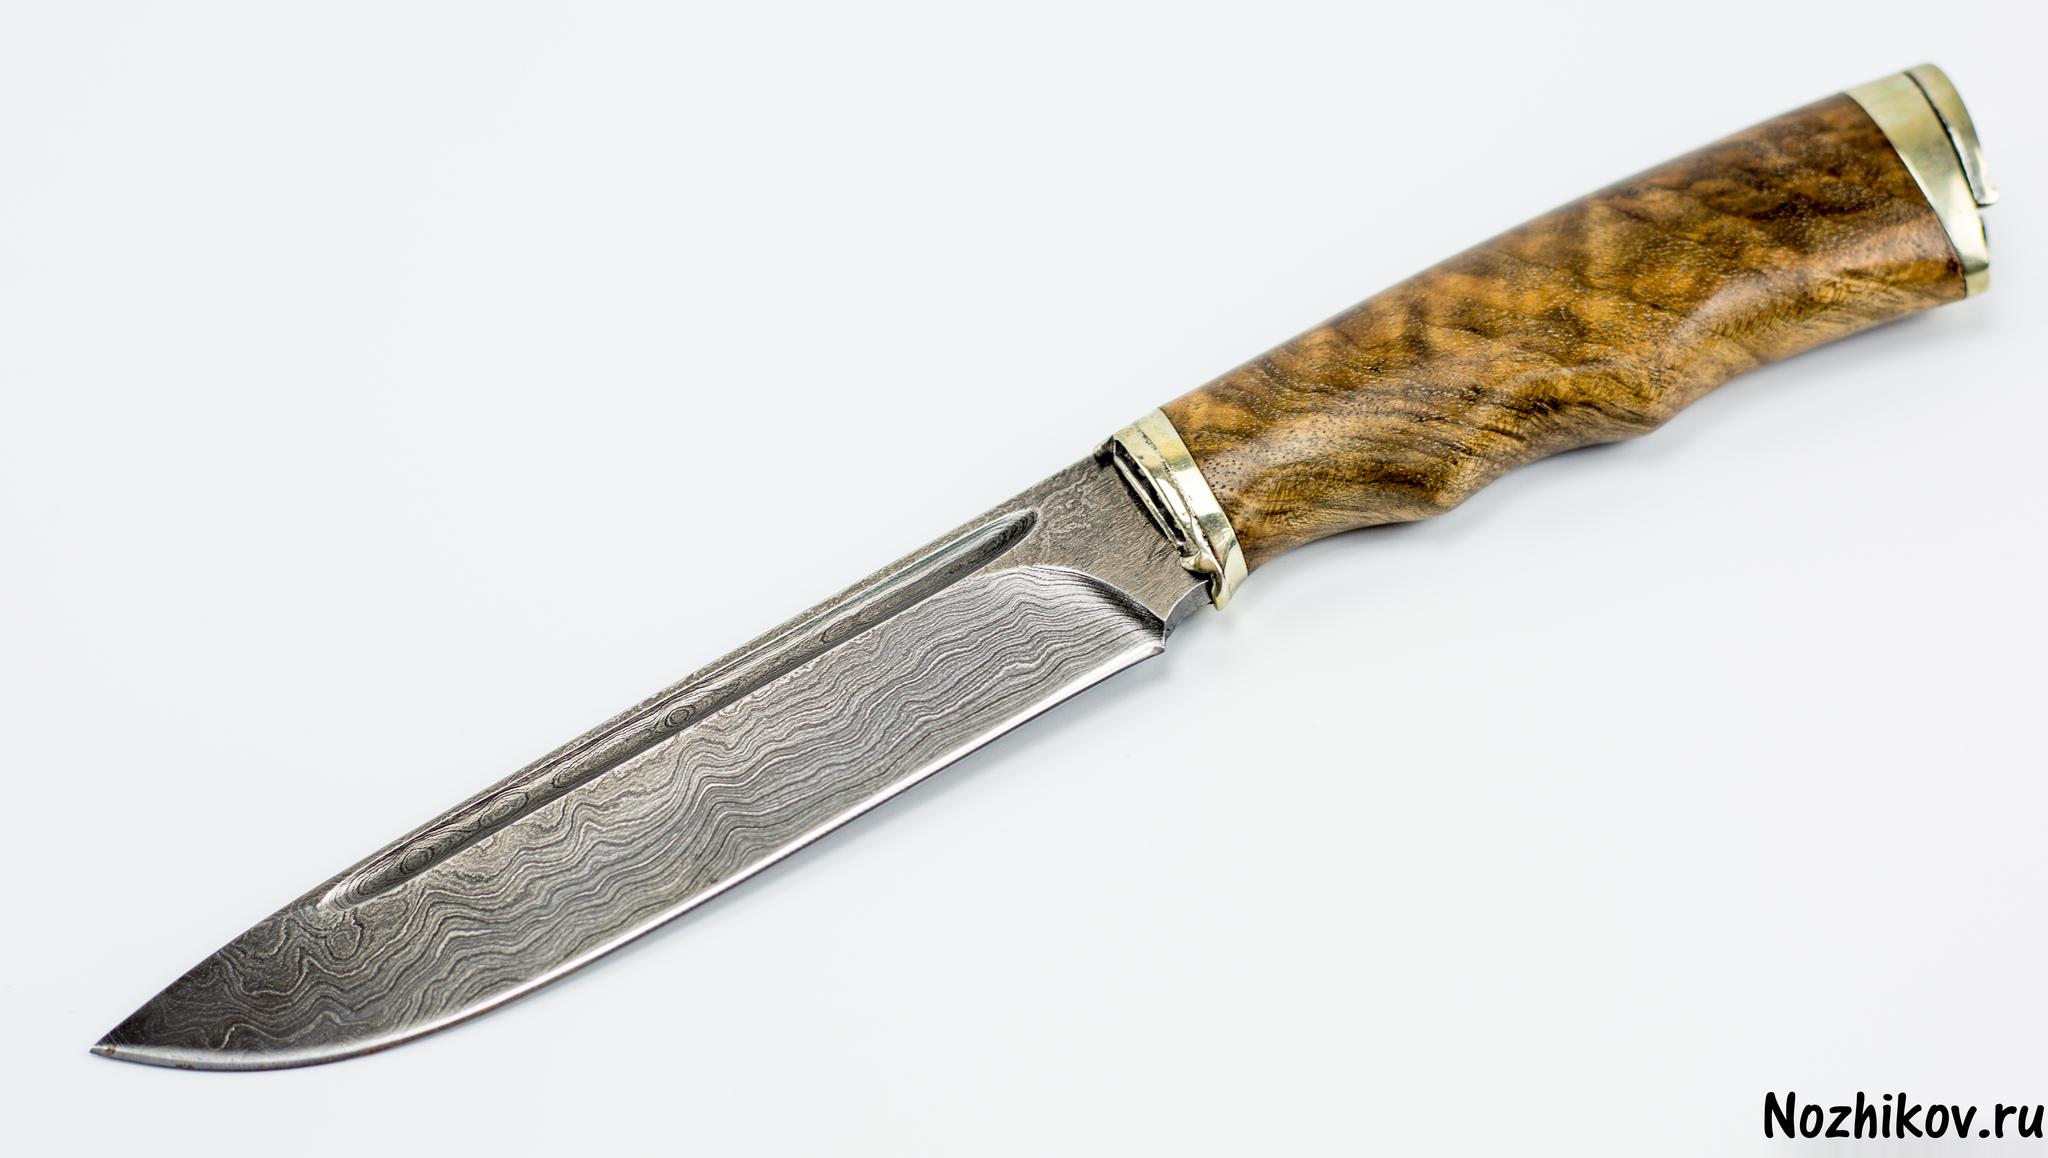 Авторский Нож из Дамаска №32, Кизляр